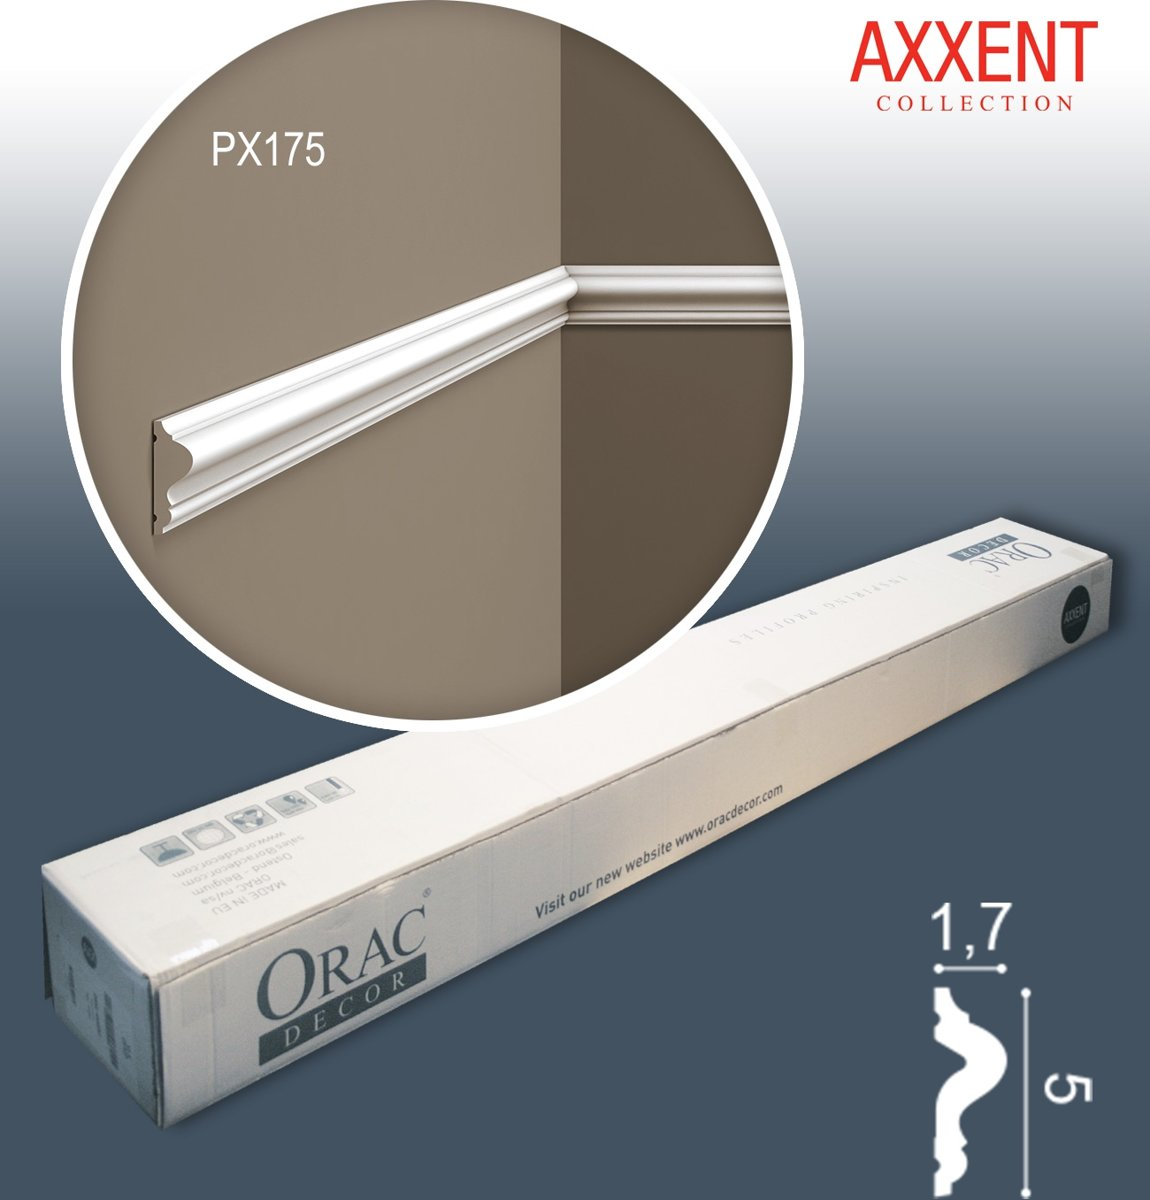 Orac Decor PX175-box AXXENT 1 doos 48 stukken Wandlijst | 96 m kopen